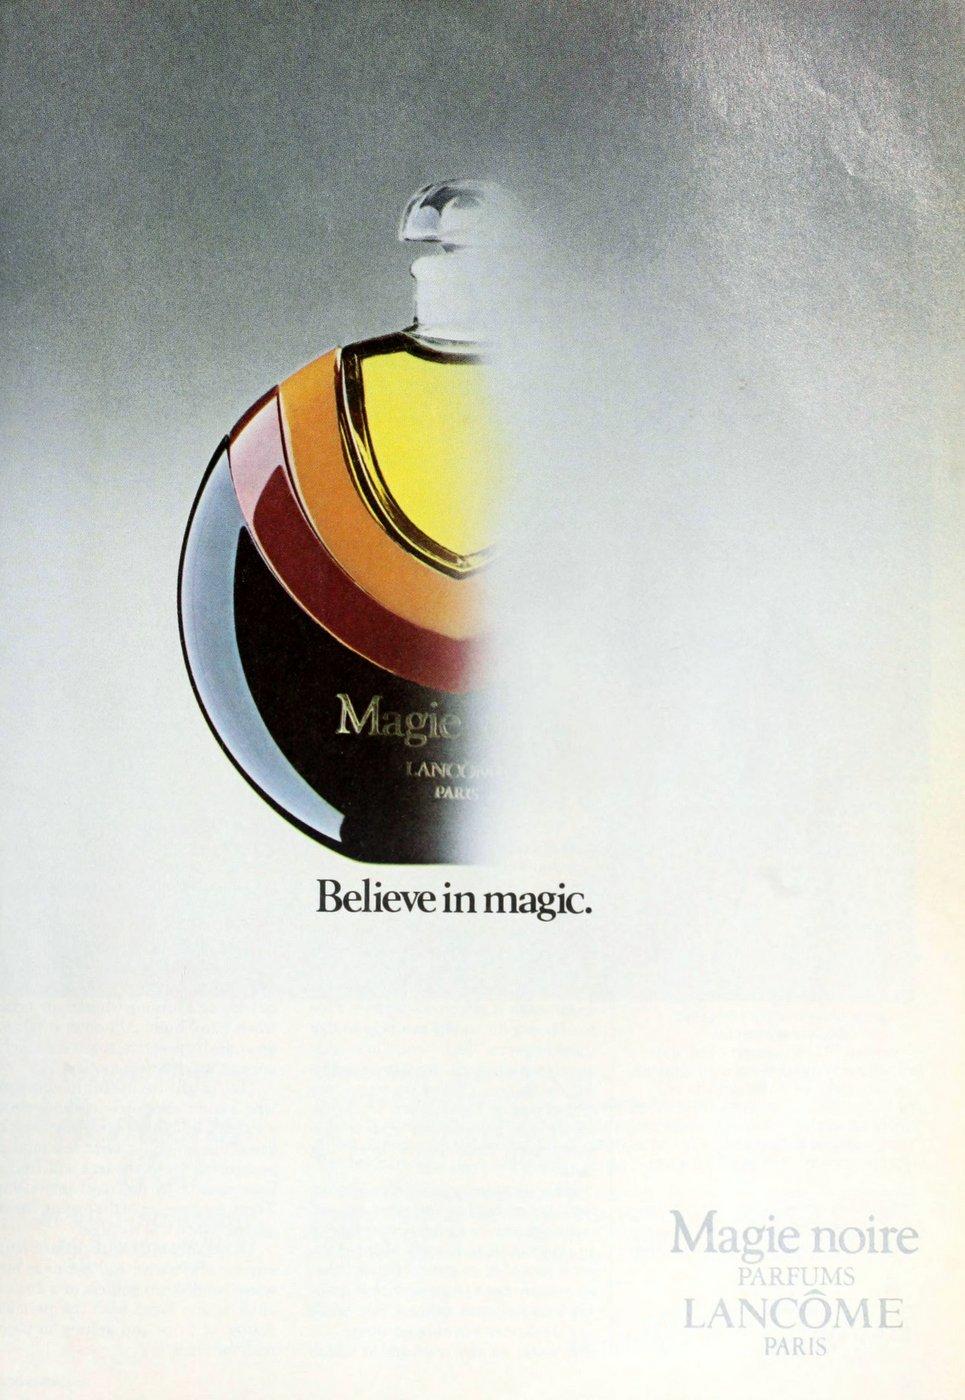 Lancome Magie Noire parfum 1983